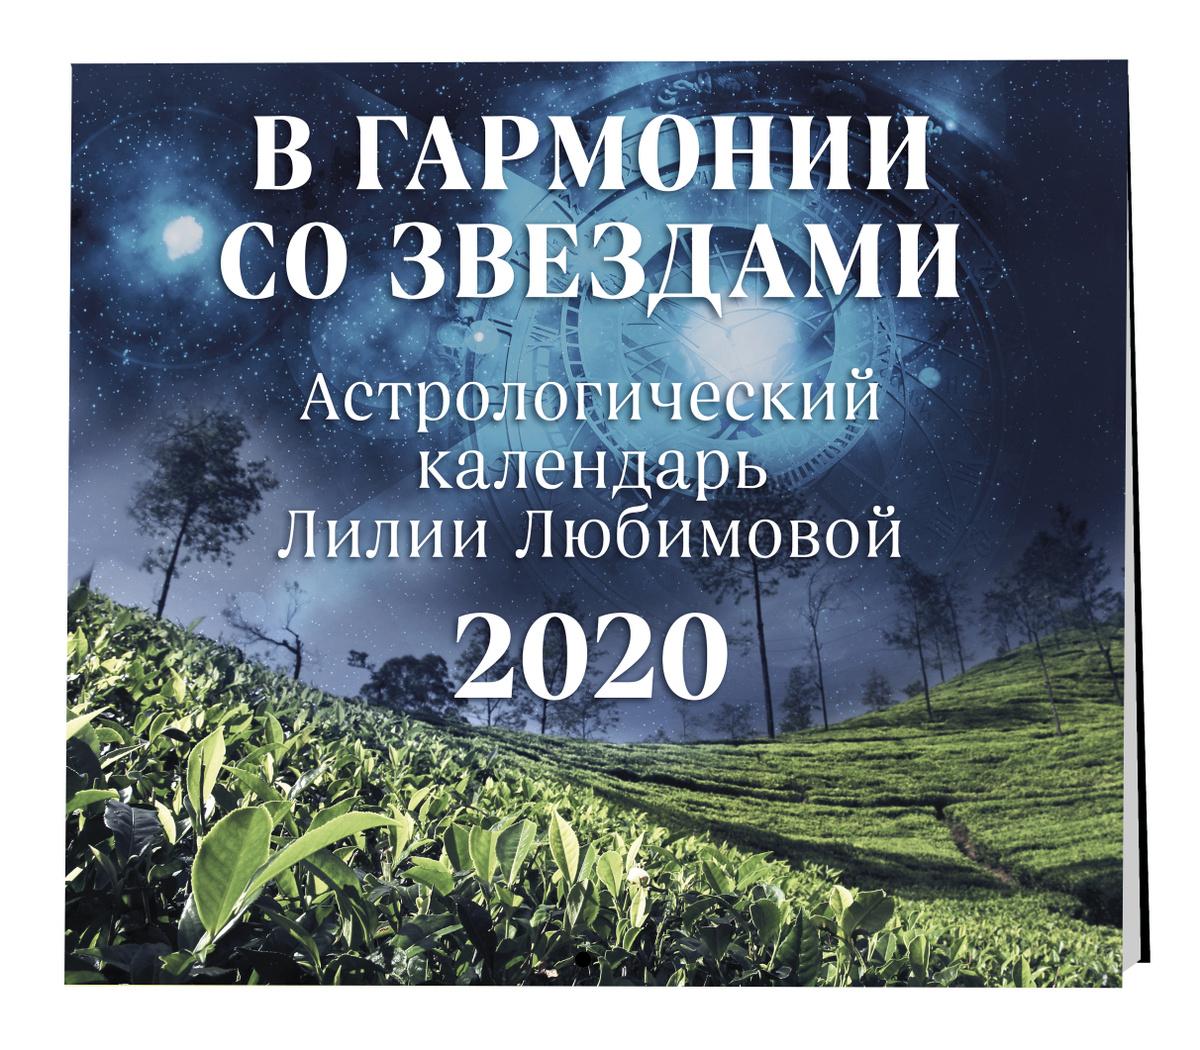 В гармонии со звездами. Астрологический календарь Лилии Любимовой. Календарь настенный на 2020 год (300х300 #1